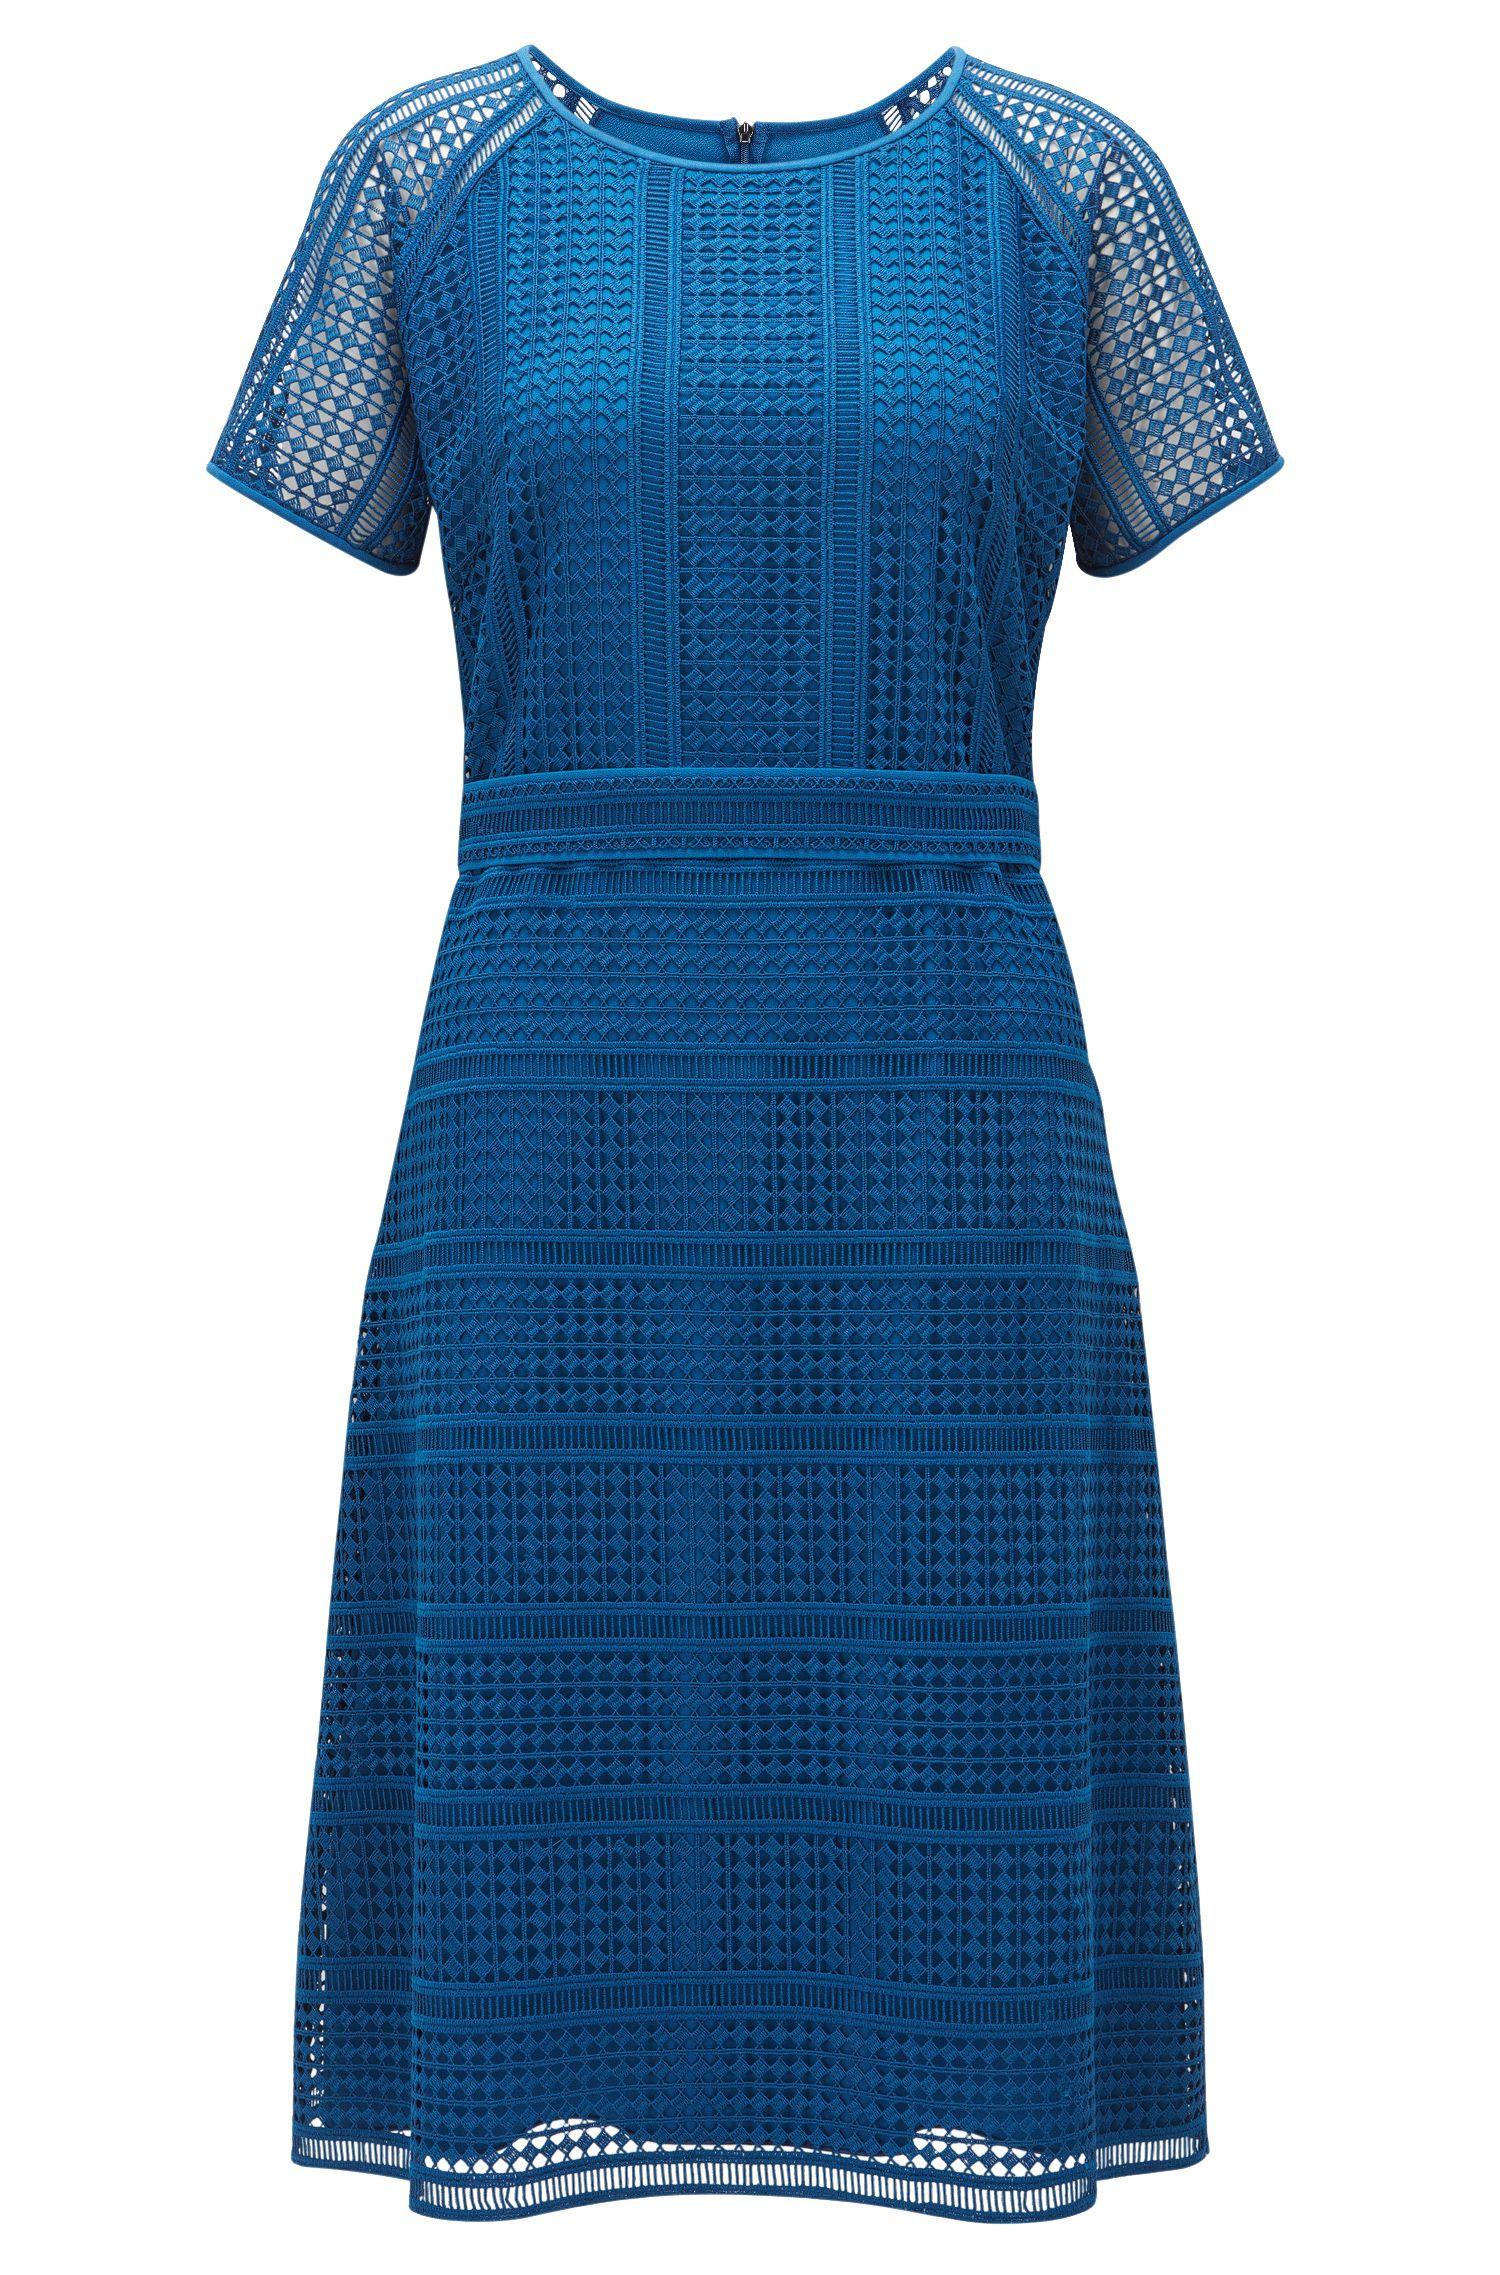 'Domaro'   Eyelet Lace Dress